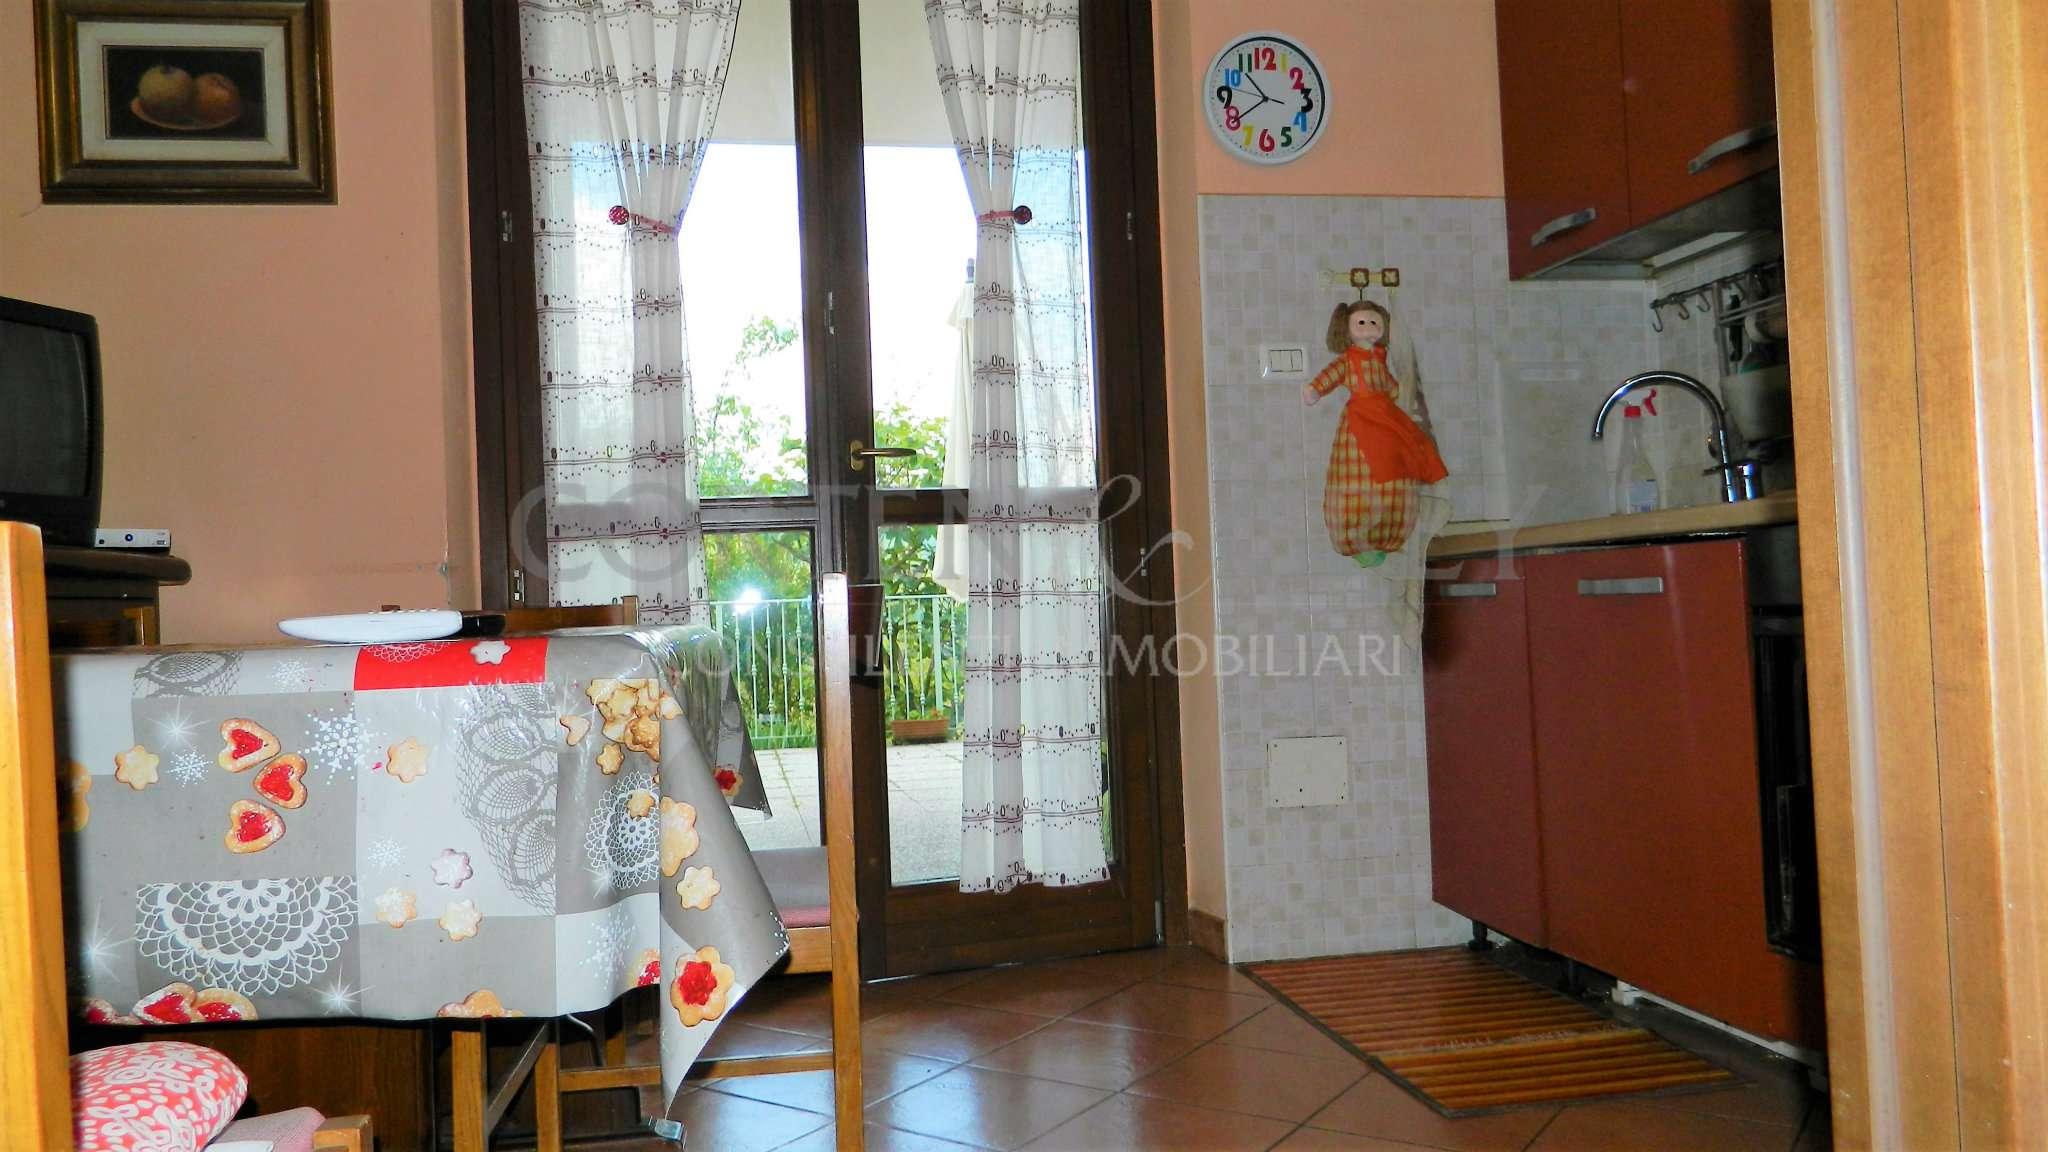 Appartamento in vendita a Castiglione Torinese, 4 locali, prezzo € 148.000 | CambioCasa.it